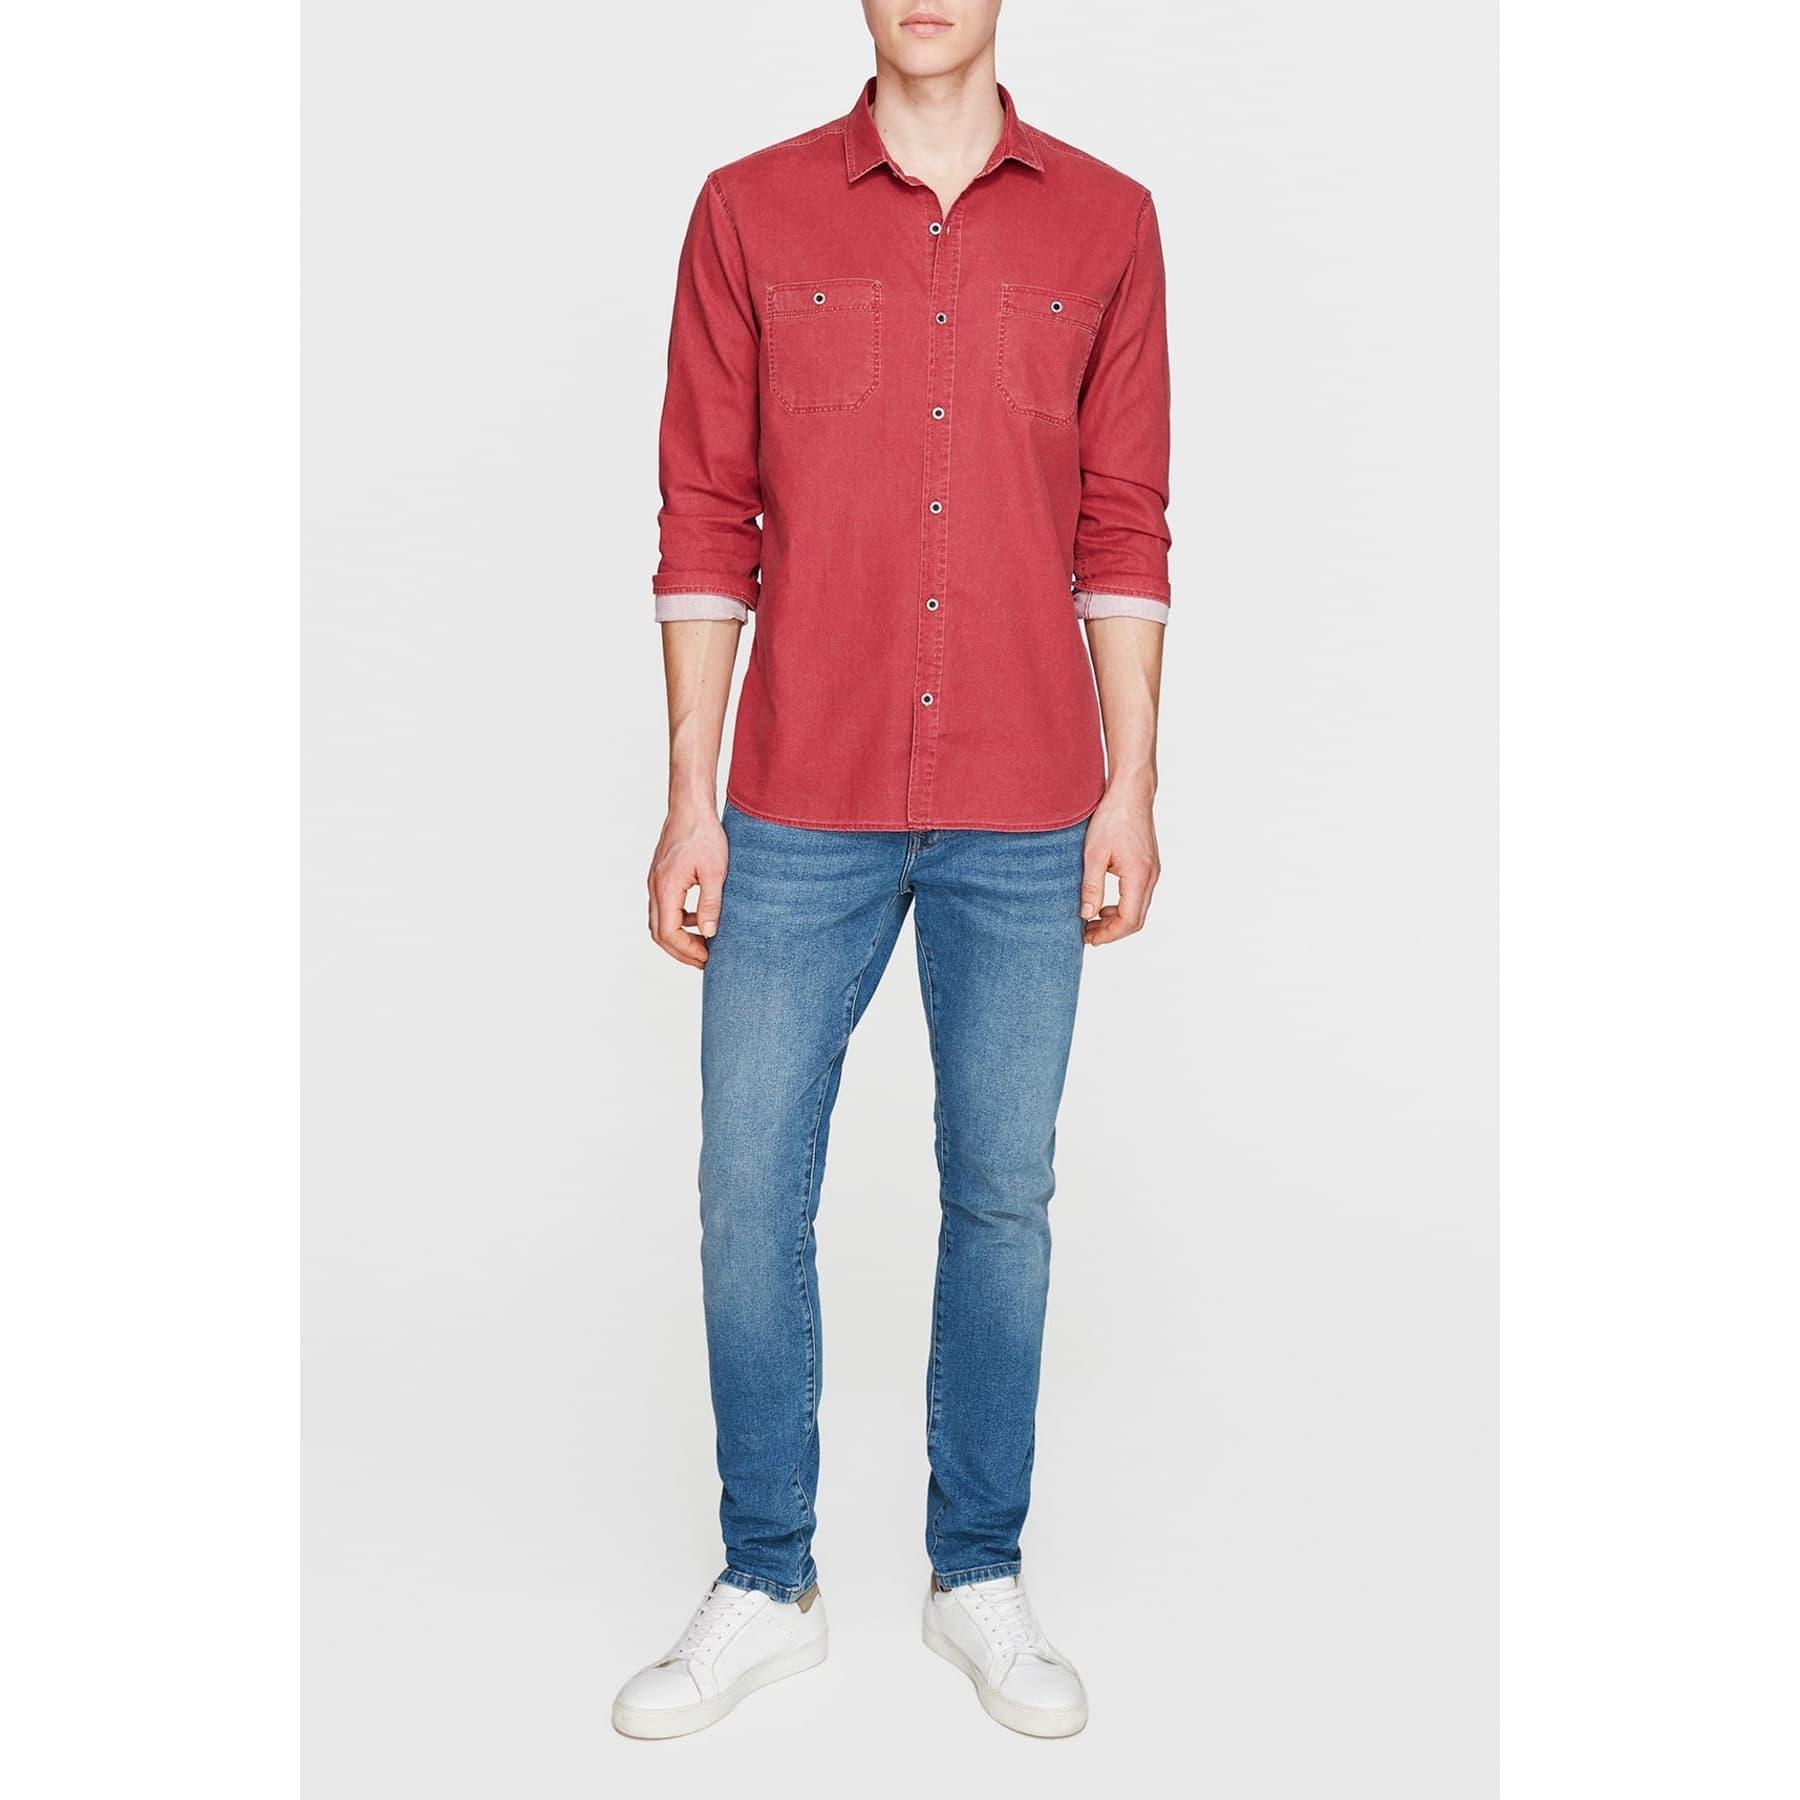 Çift Cepli Erkek %100 Pamuk Kırmızı Gömlek